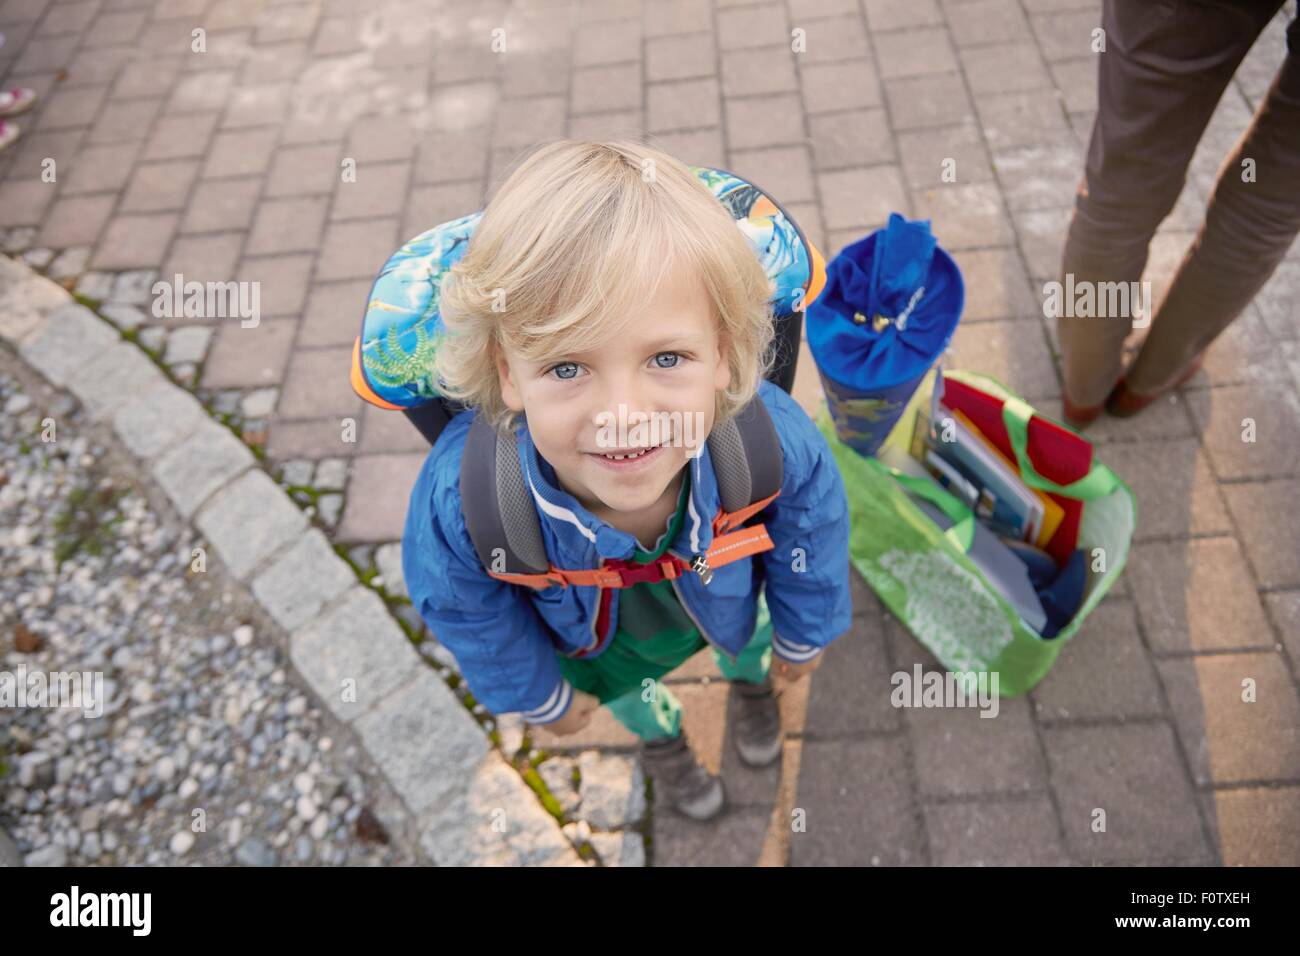 Retrato de niño en el primer día de escuela, Baviera, Alemania Imagen De Stock